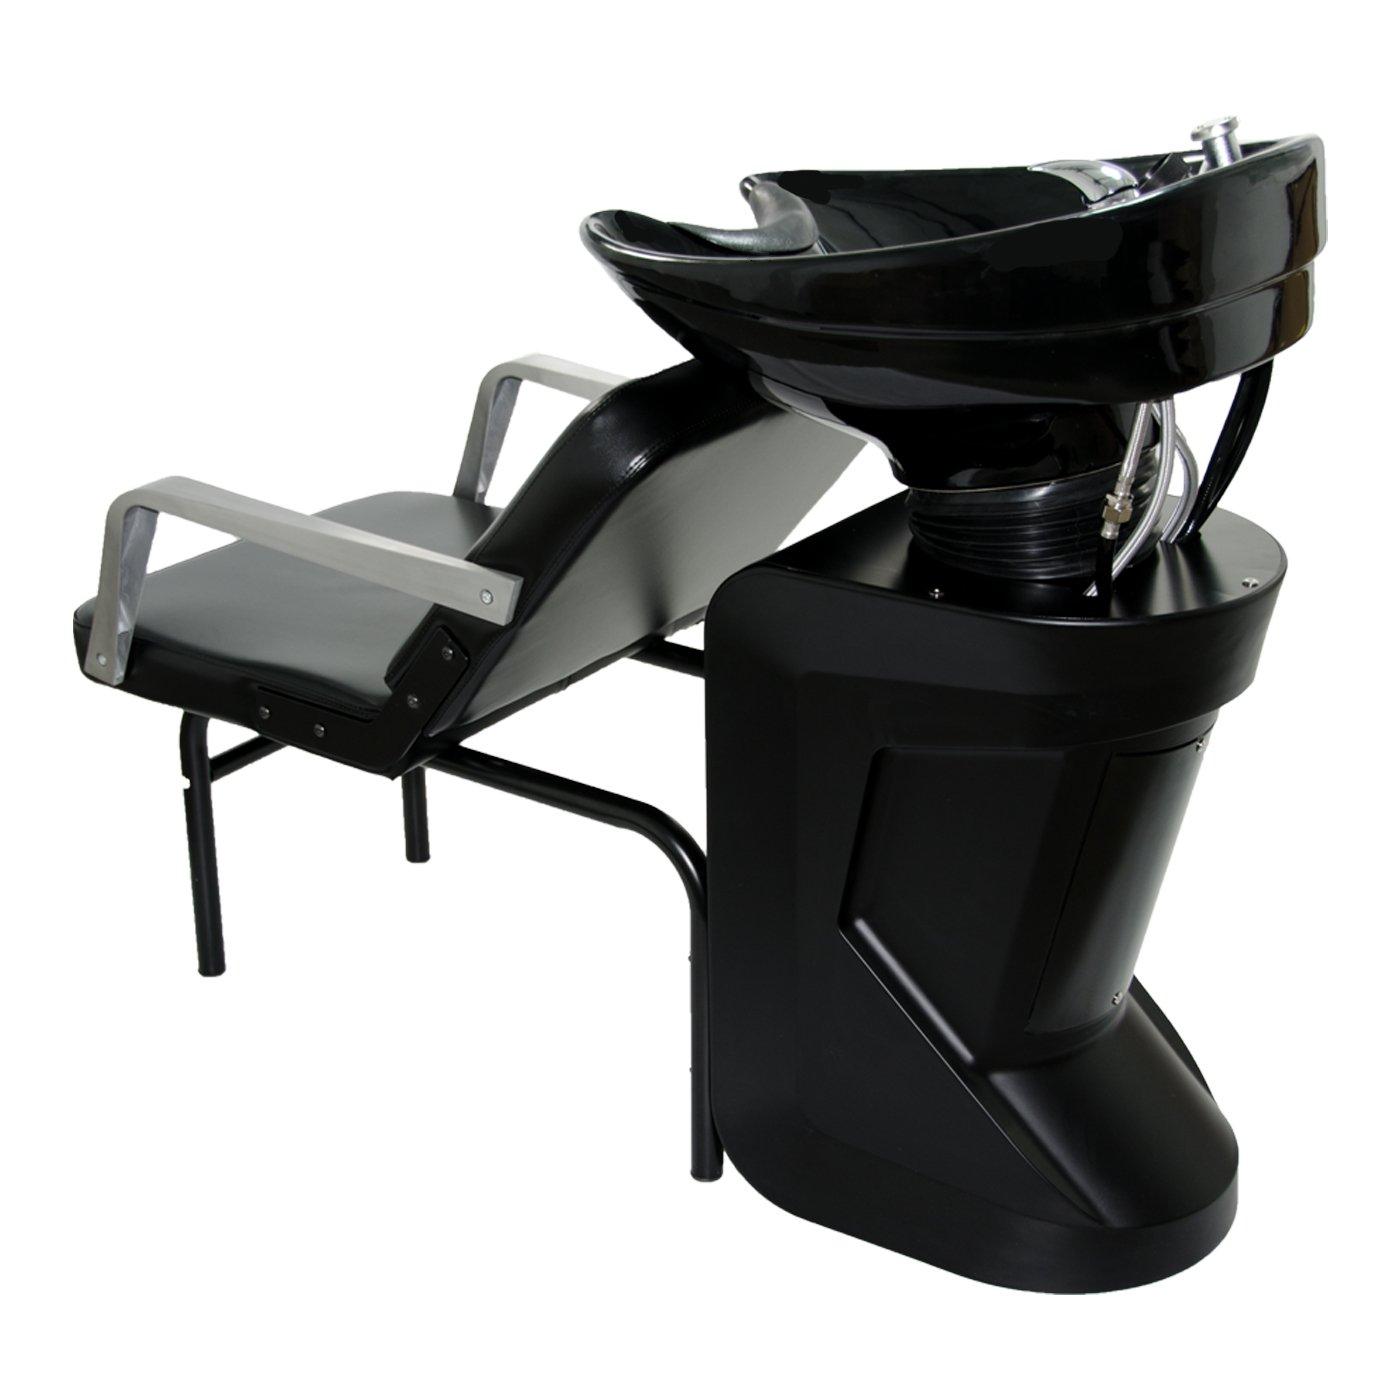 Amazon CERAMIC Adjustable Shampoo Bowl Backwash Station with